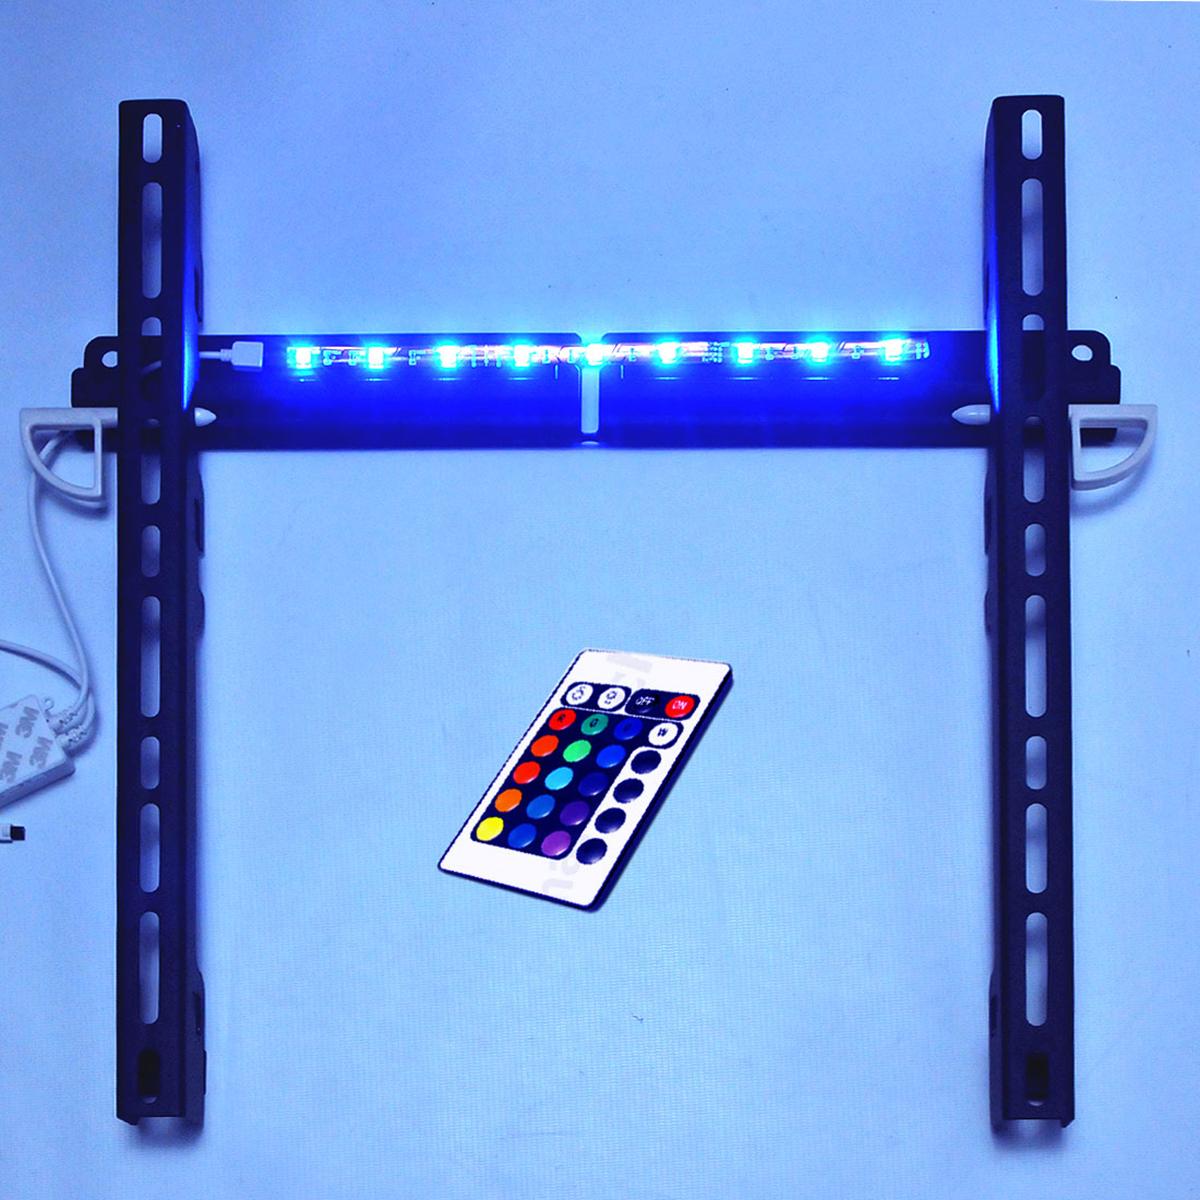 verstellbare wandhalterung mit sicherheitsschrauben und beleuchtungsset ebay. Black Bedroom Furniture Sets. Home Design Ideas